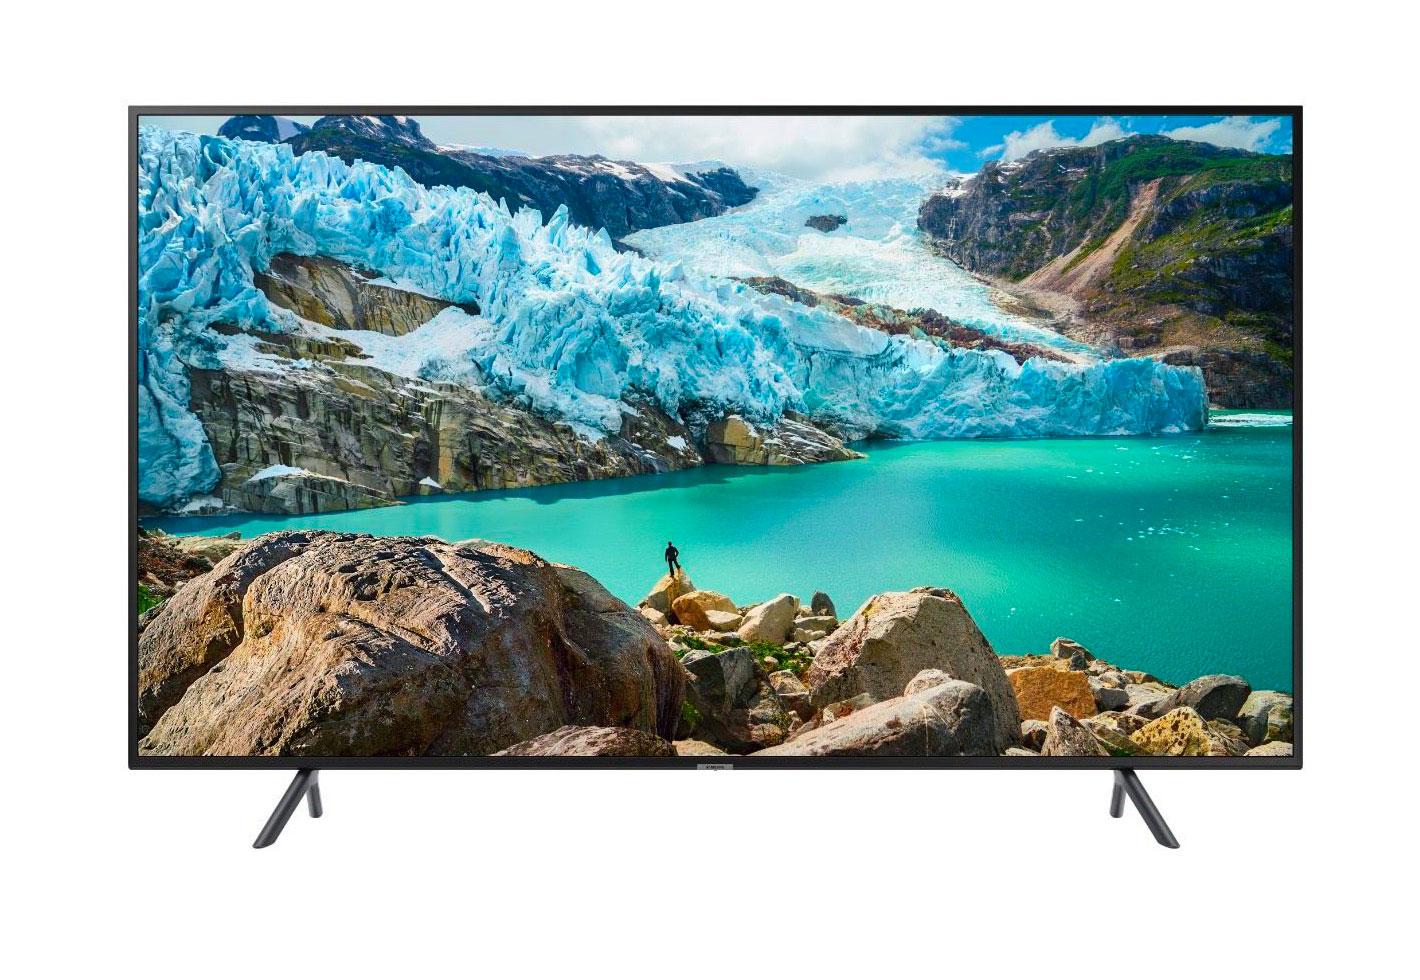 le tv led samsung ue58ru6105 a 499